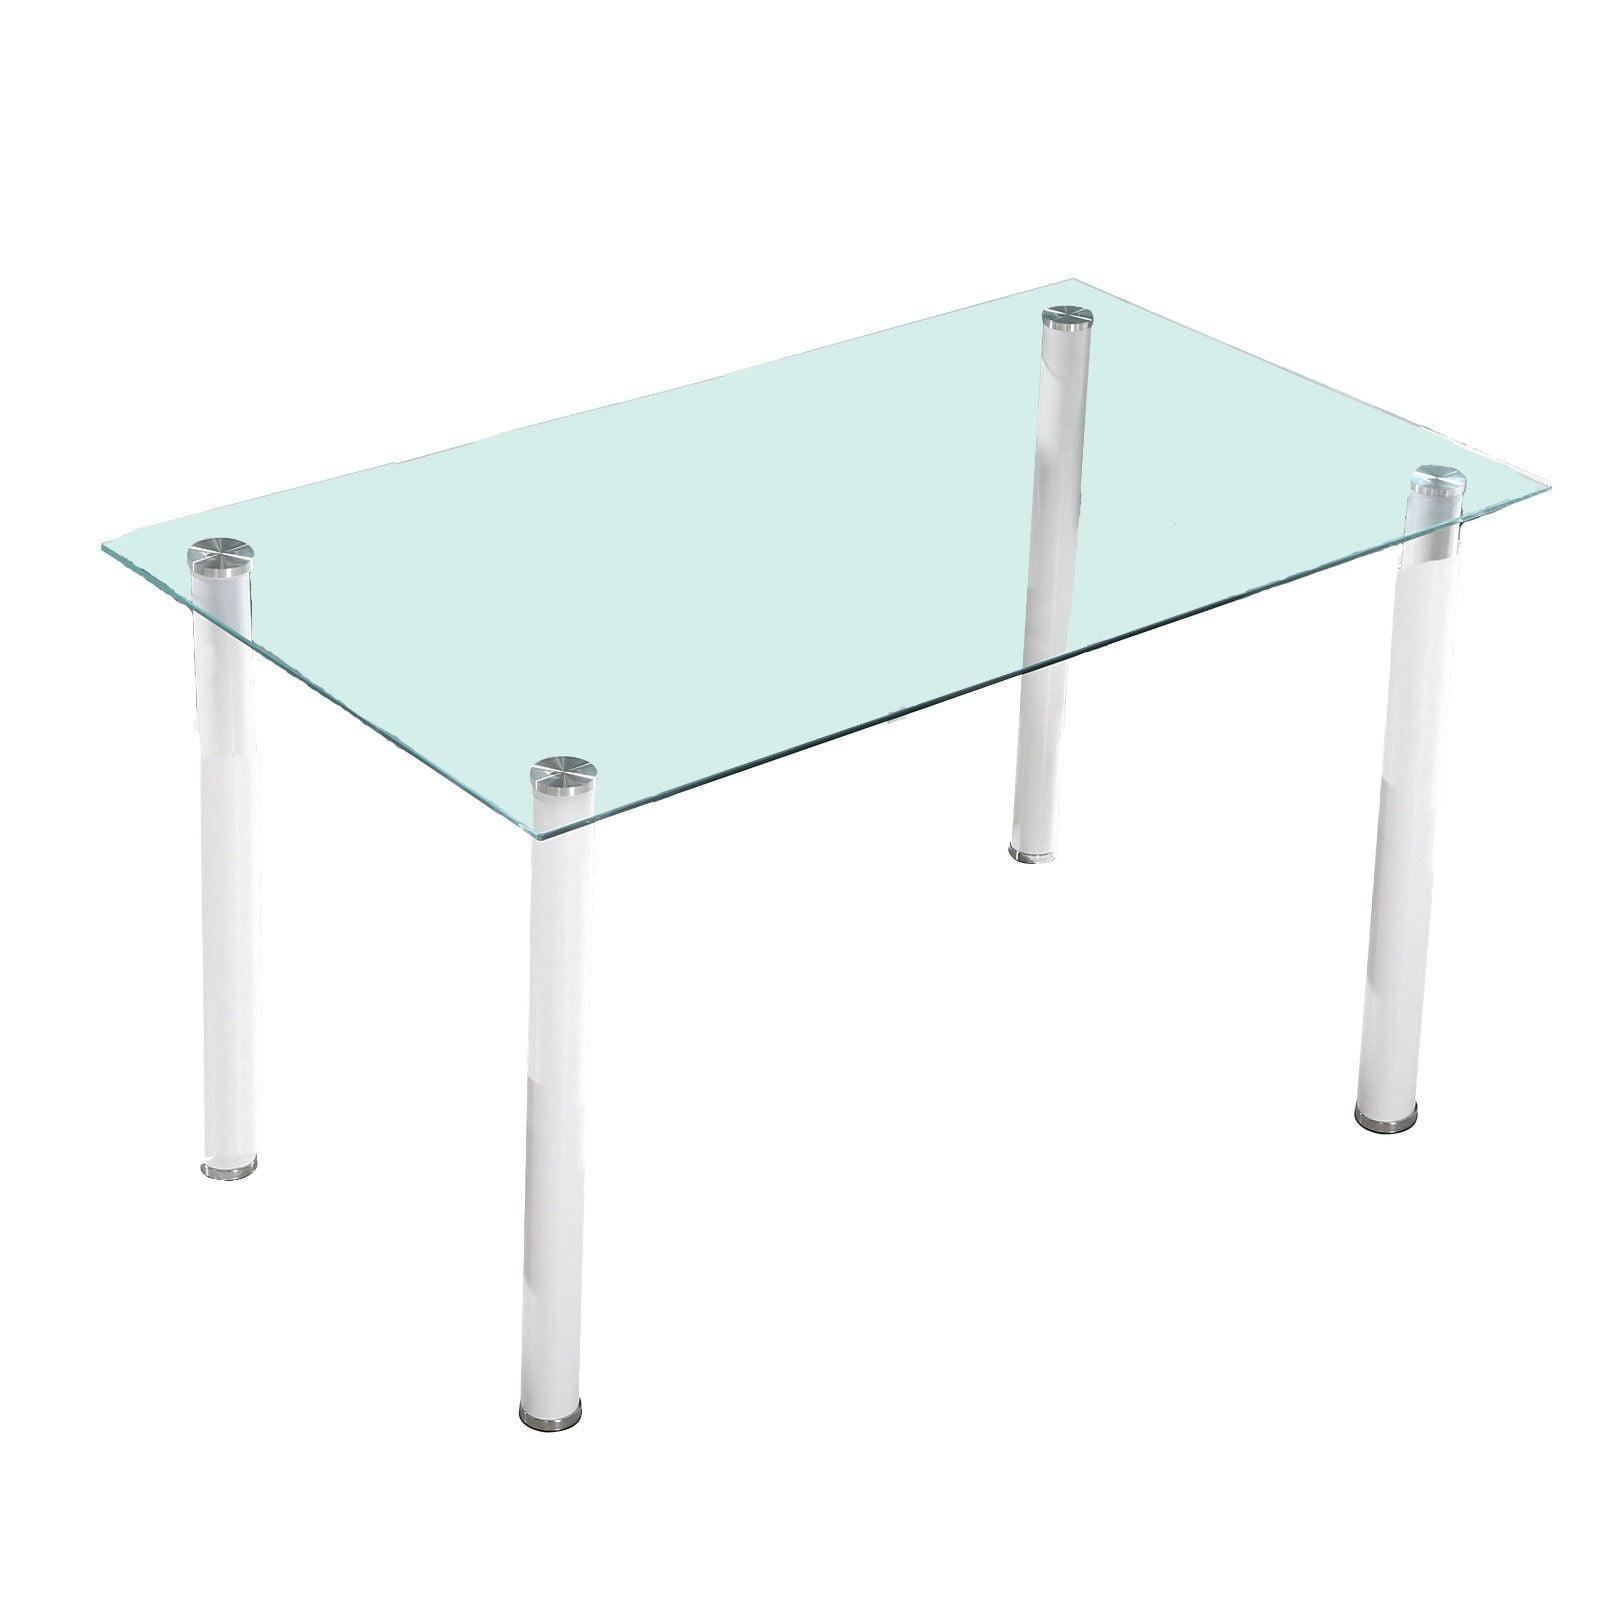 Mesa de comedor star cristal transparente patas blancas for Mesas de comedor cristal transparente